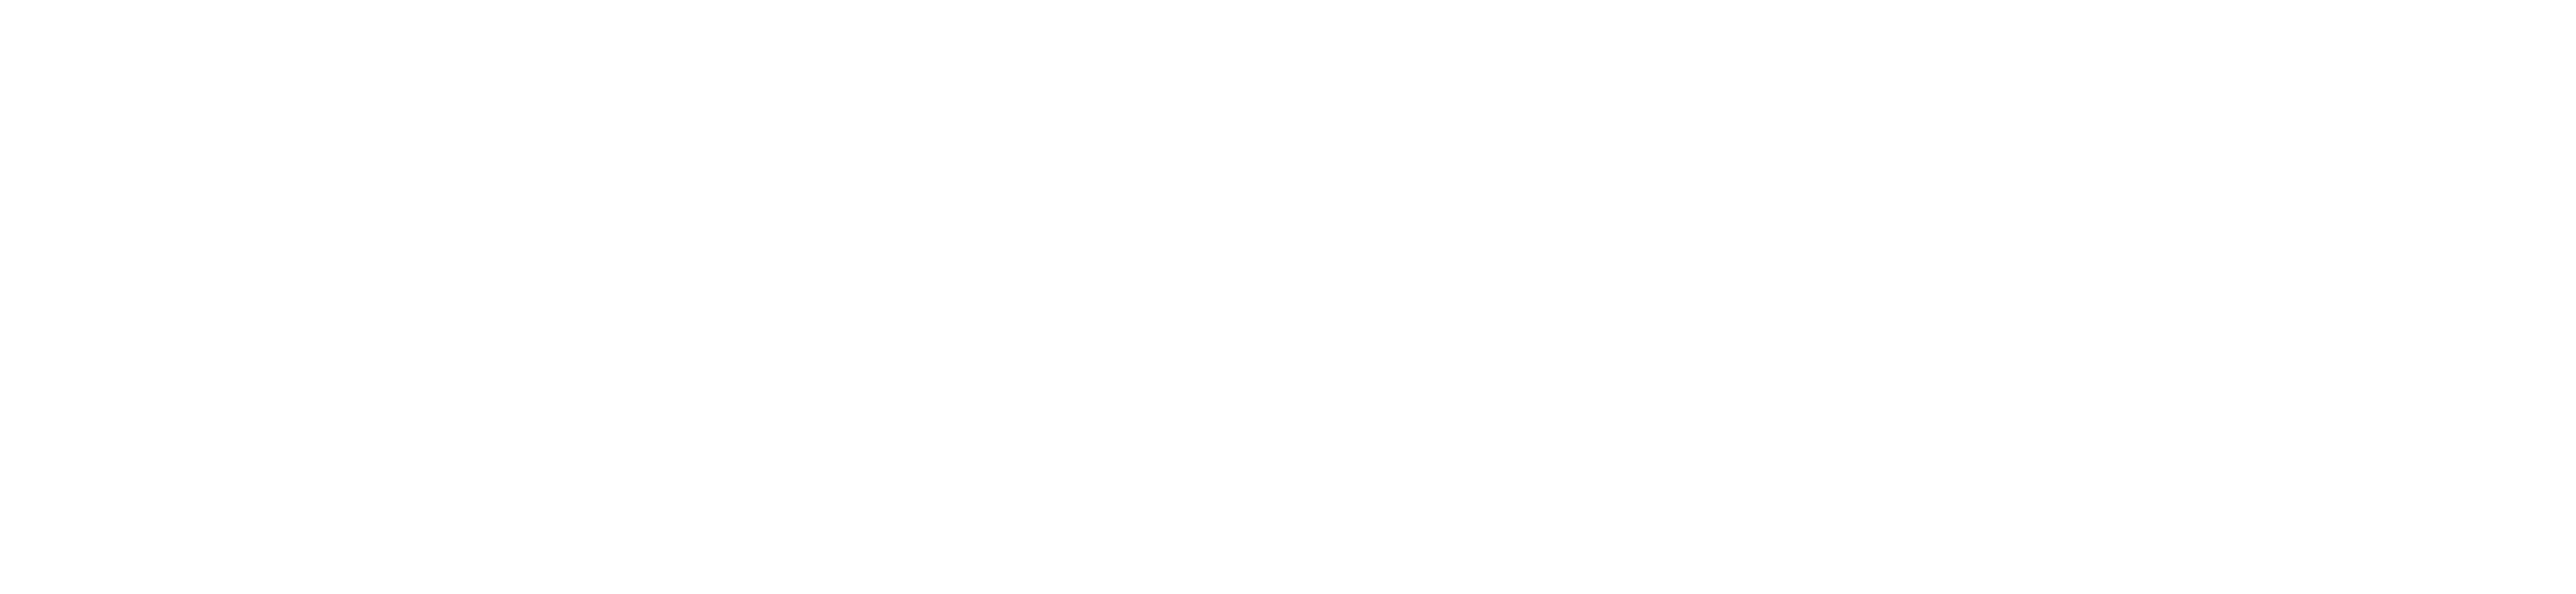 Nederlandsche Planners Associatie